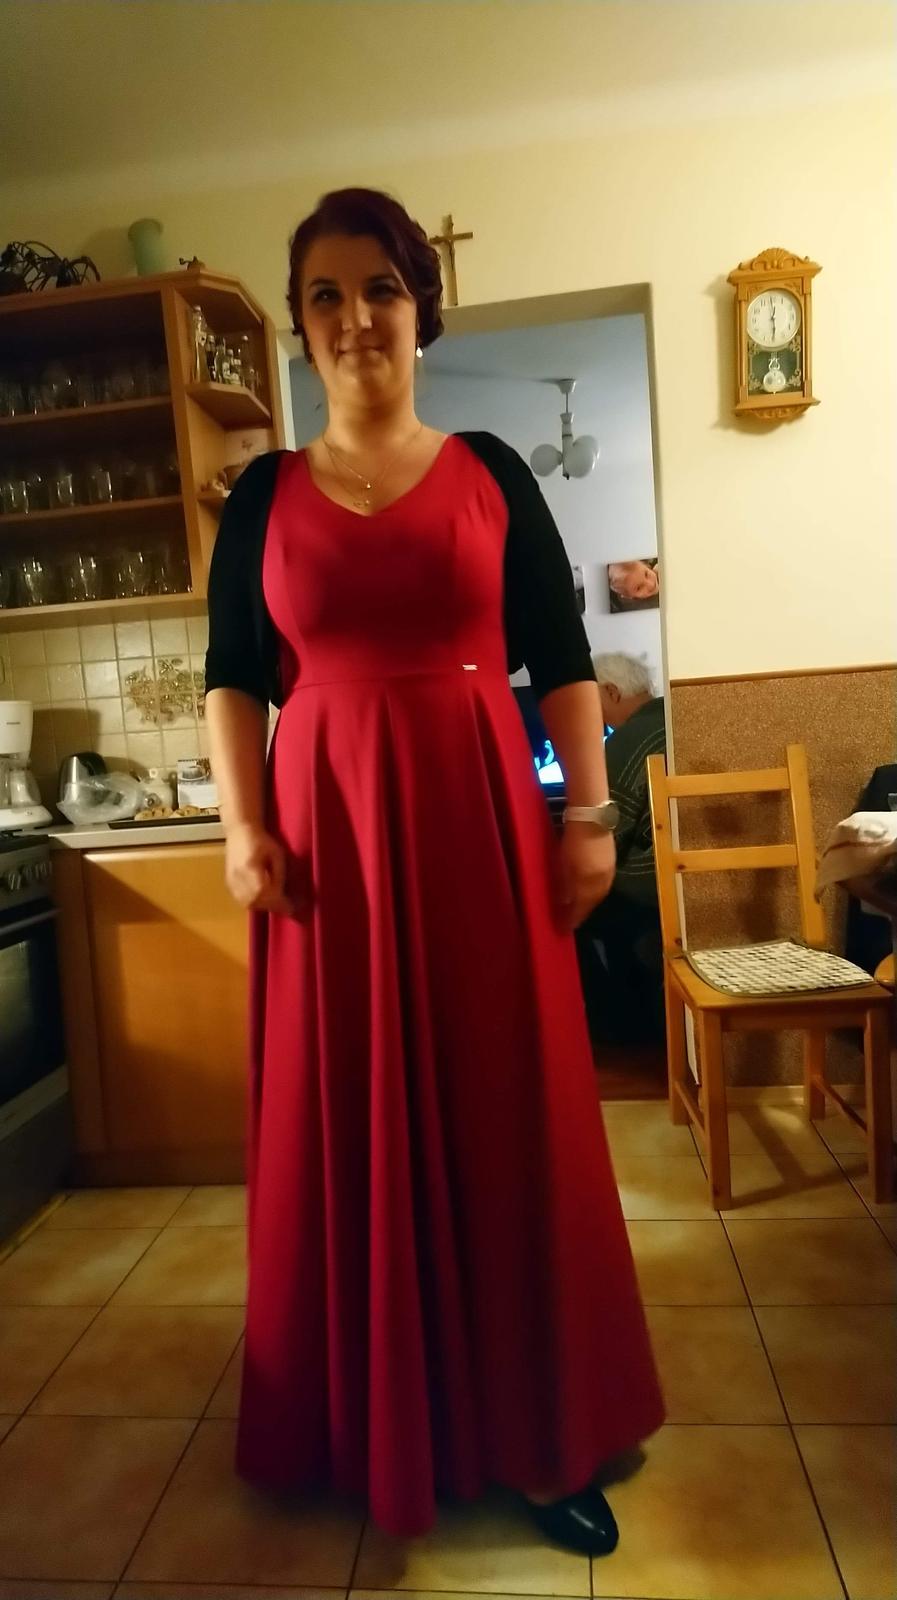 Spoločenské malinove šaty  - Obrázok č. 1